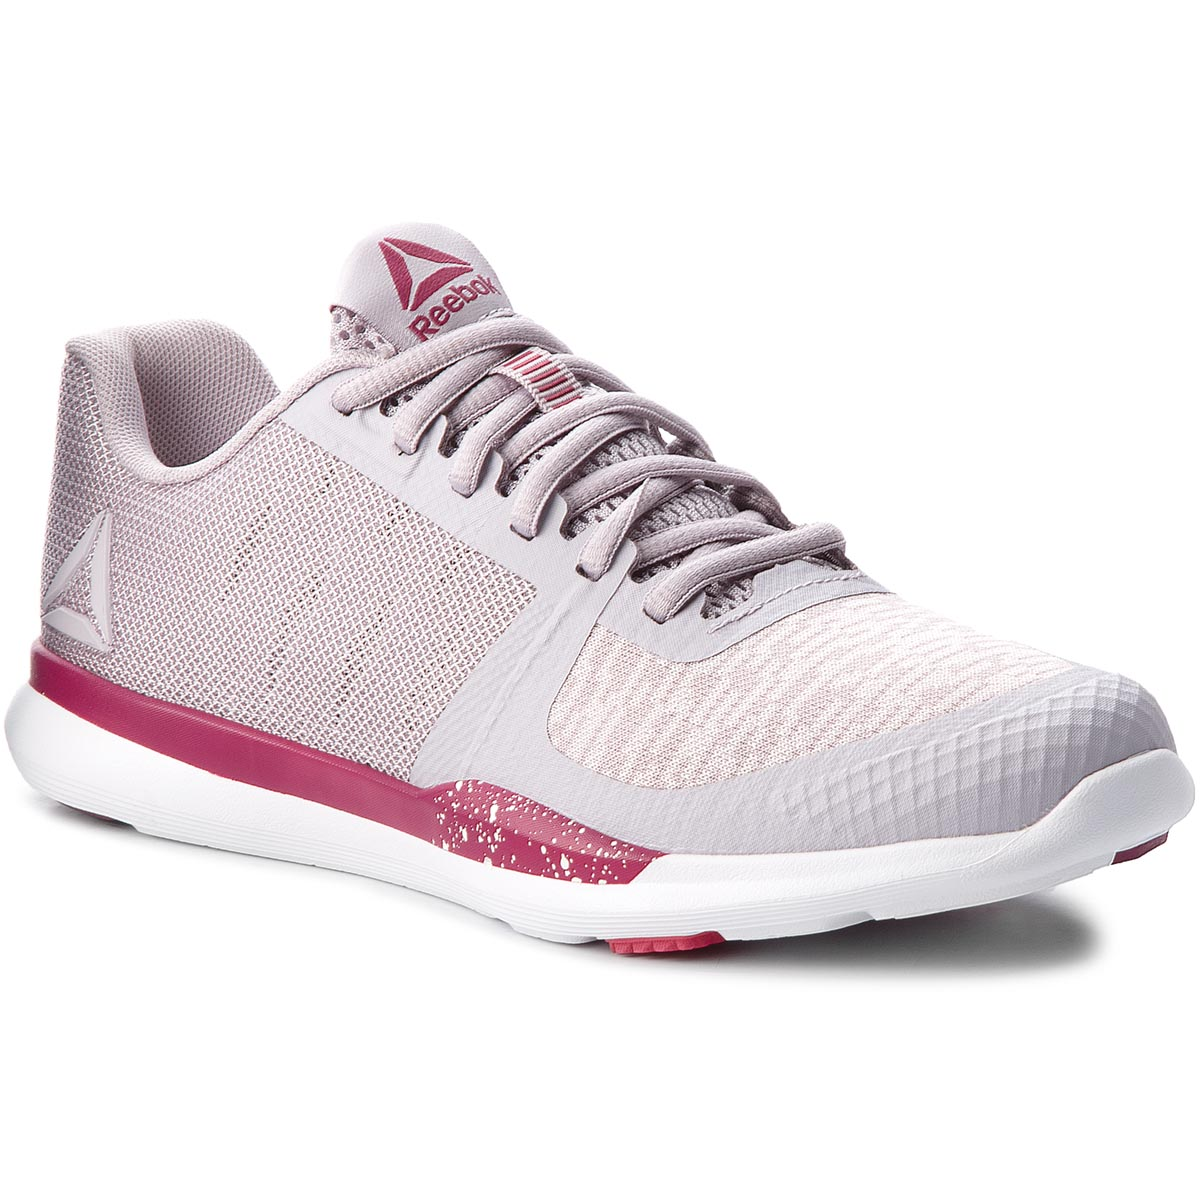 Schuhe Reebok Cl Nylon Om CM9992 Smky IndigoAstrd Dust